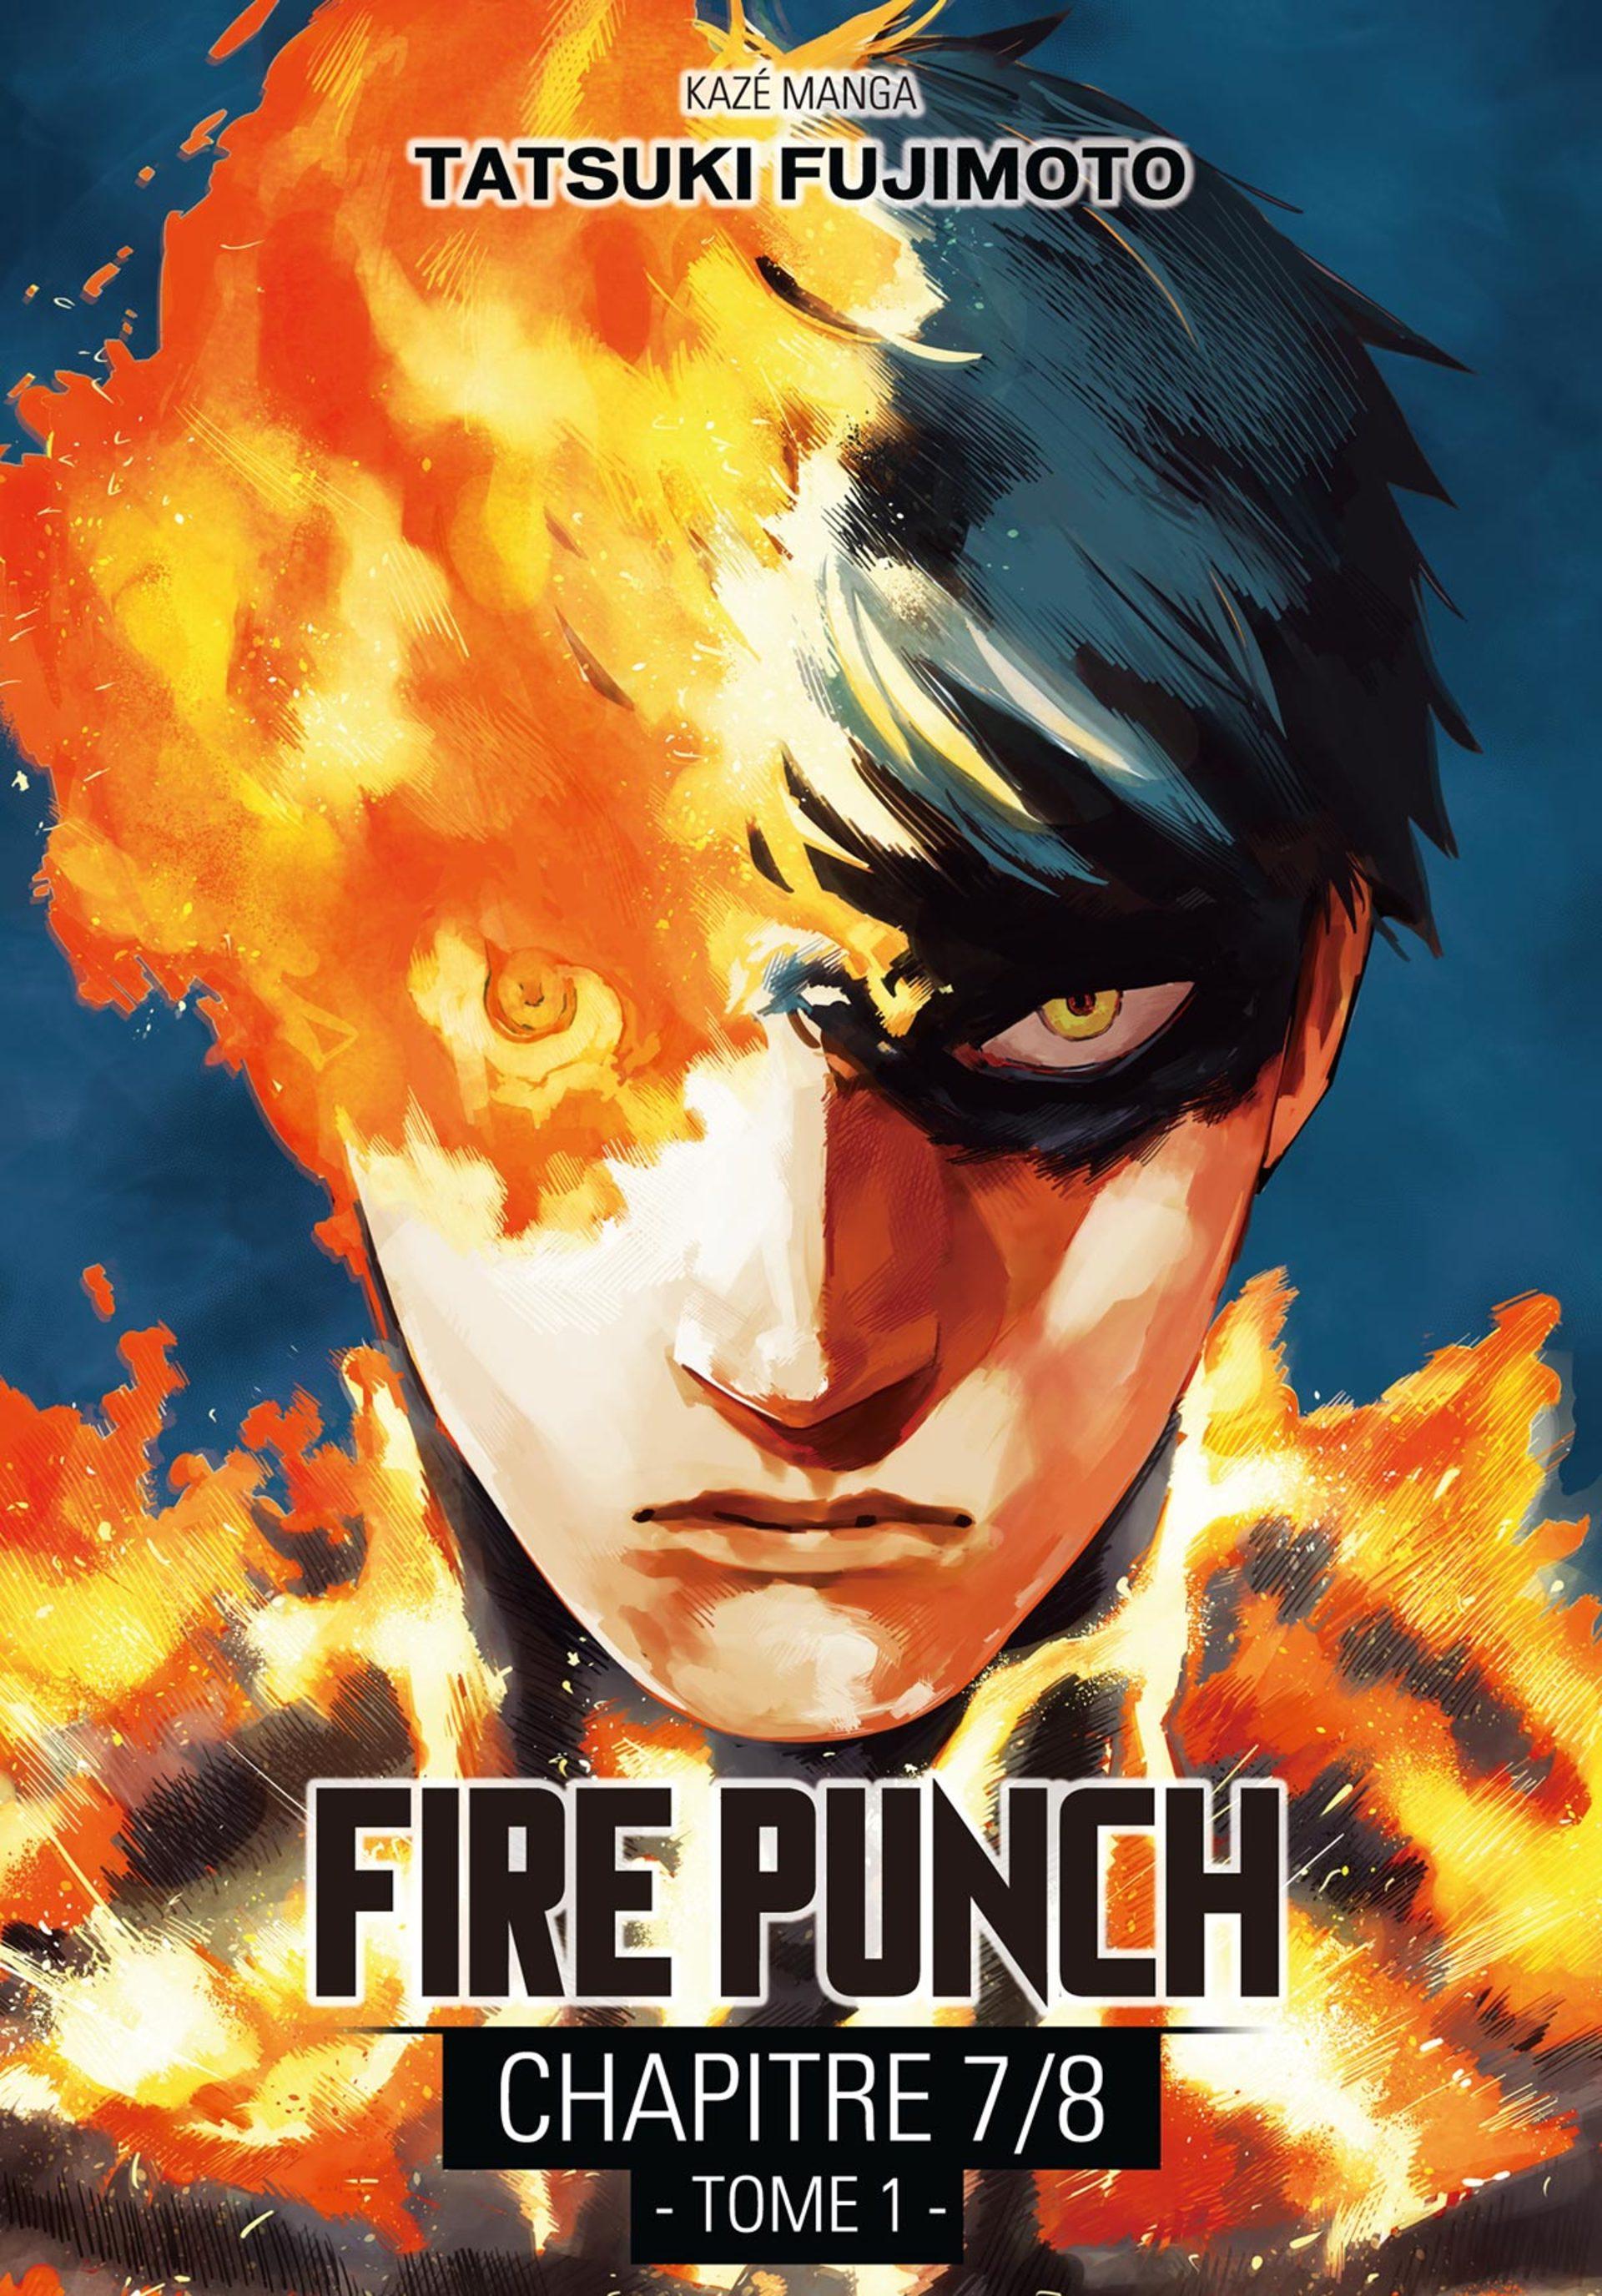 Fire Punch - Chapitre 7